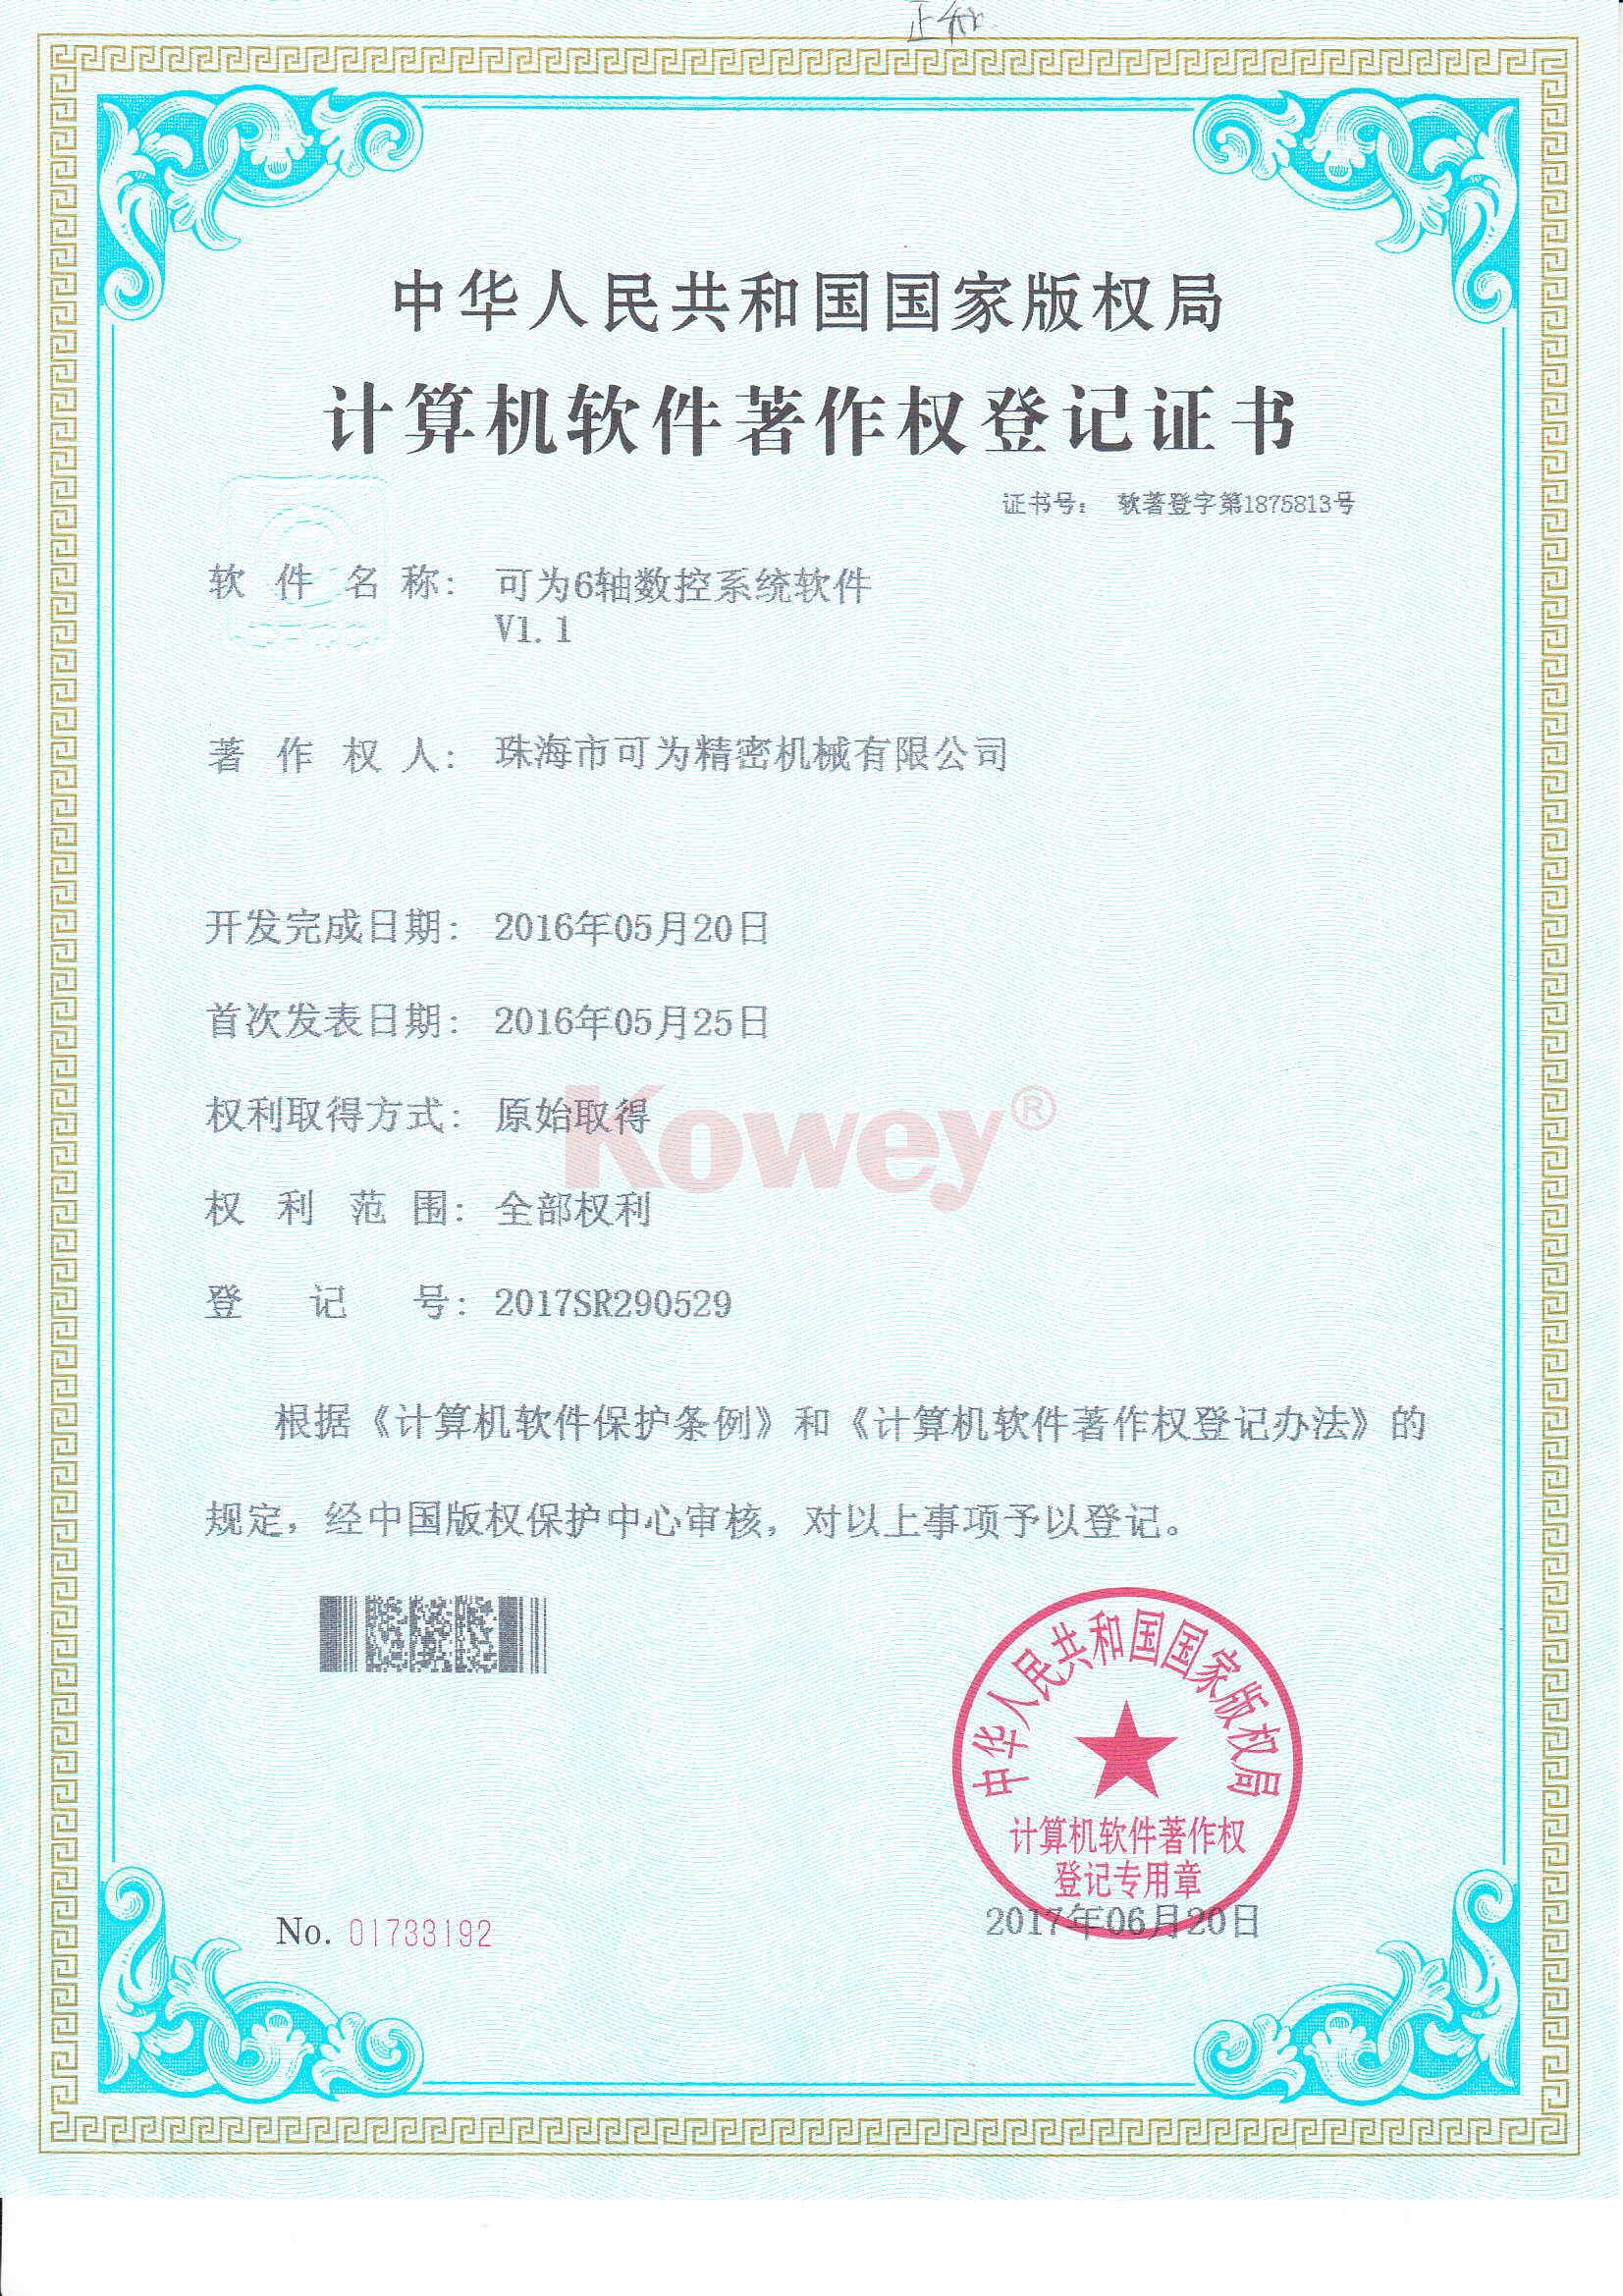 软件著作权证书-可为6轴数控系统软件